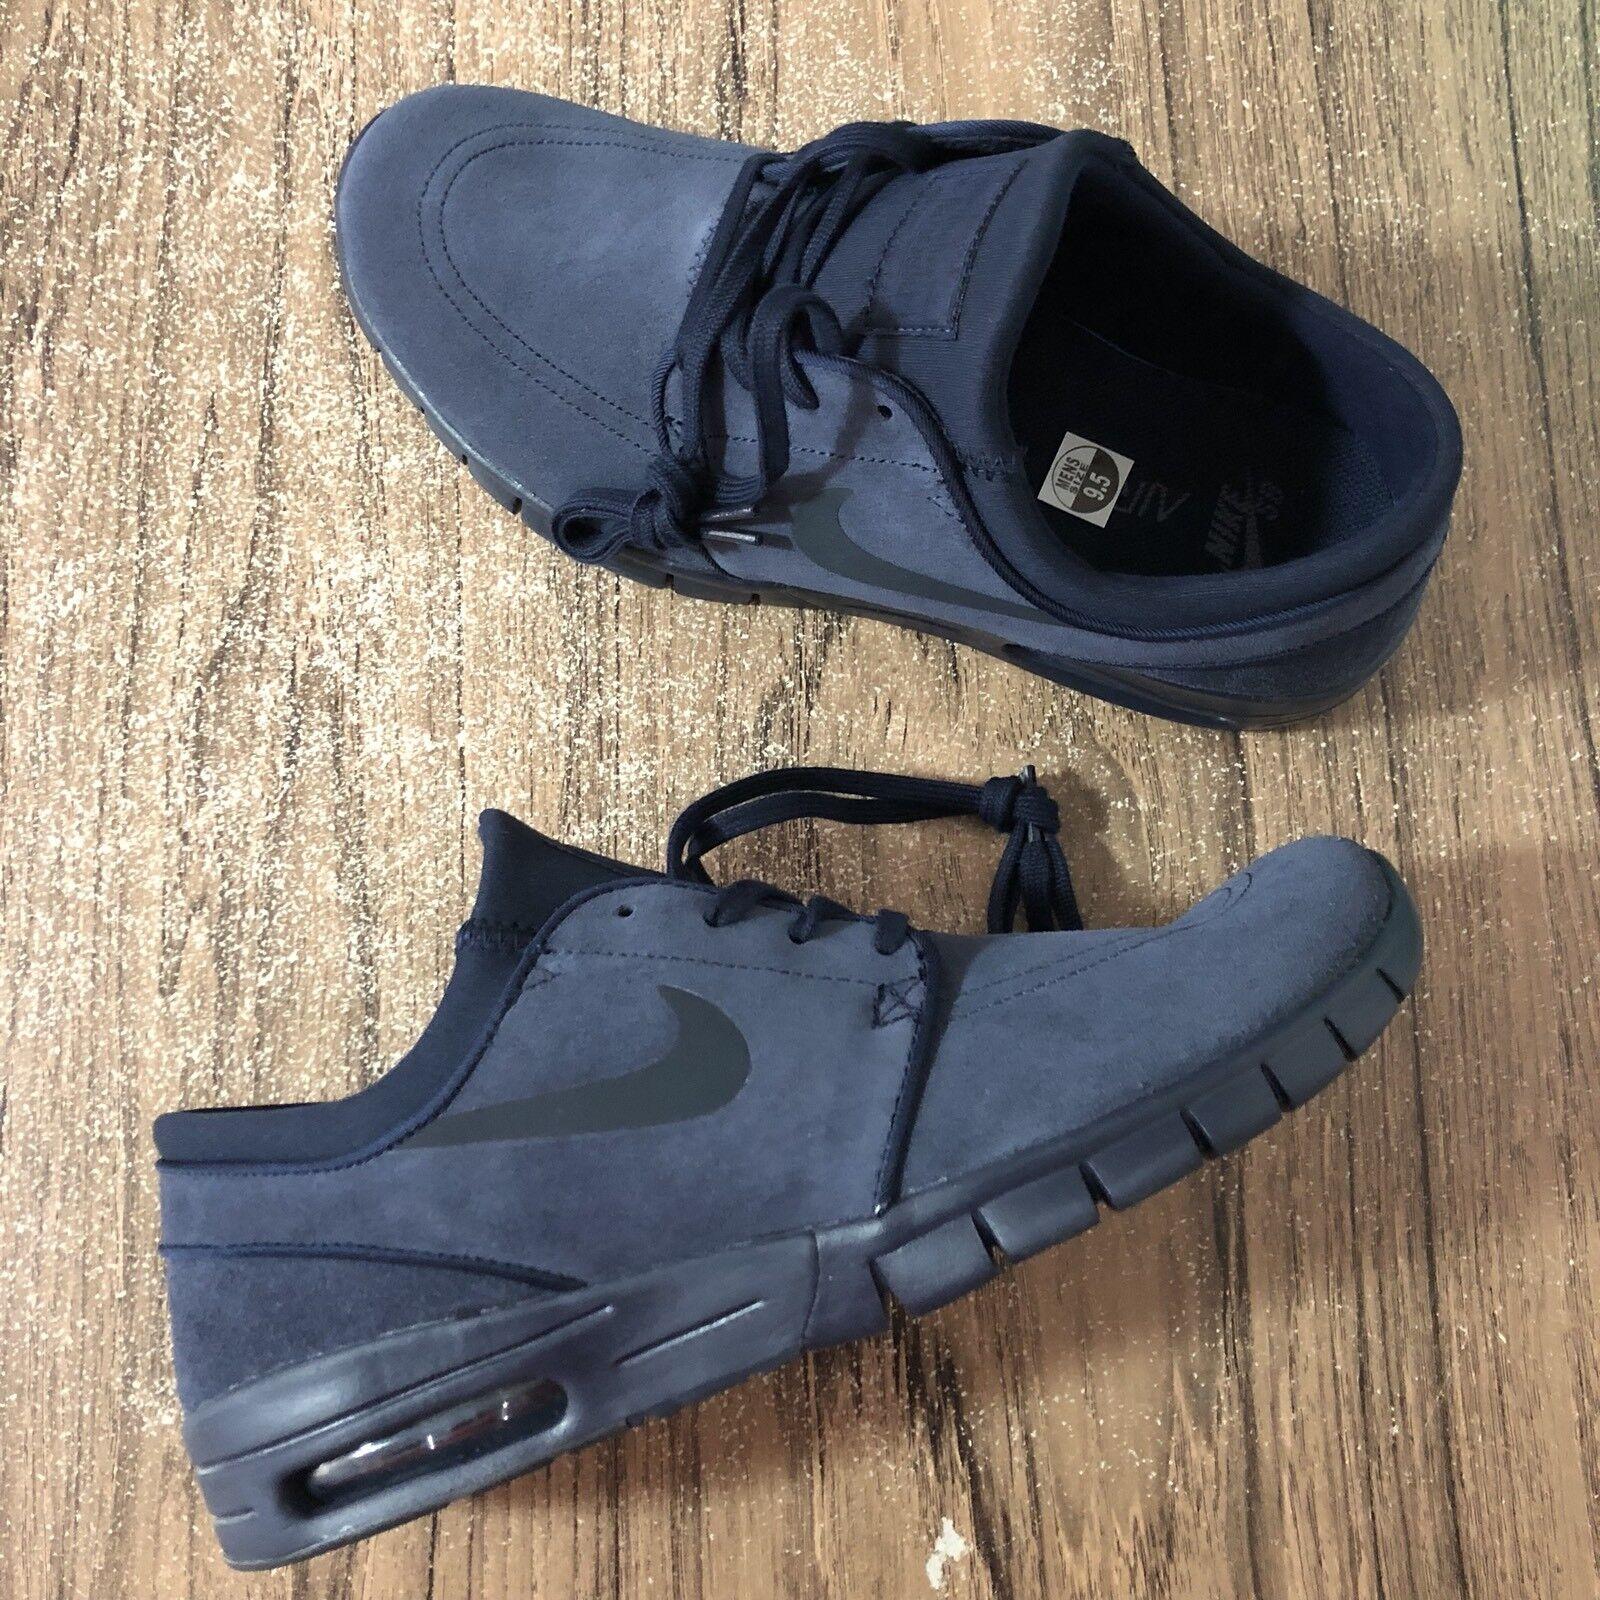 A738 Nike SB Stefan Janoski Max L 685299-440 Dark Obsidian Skate Size 9 NEW